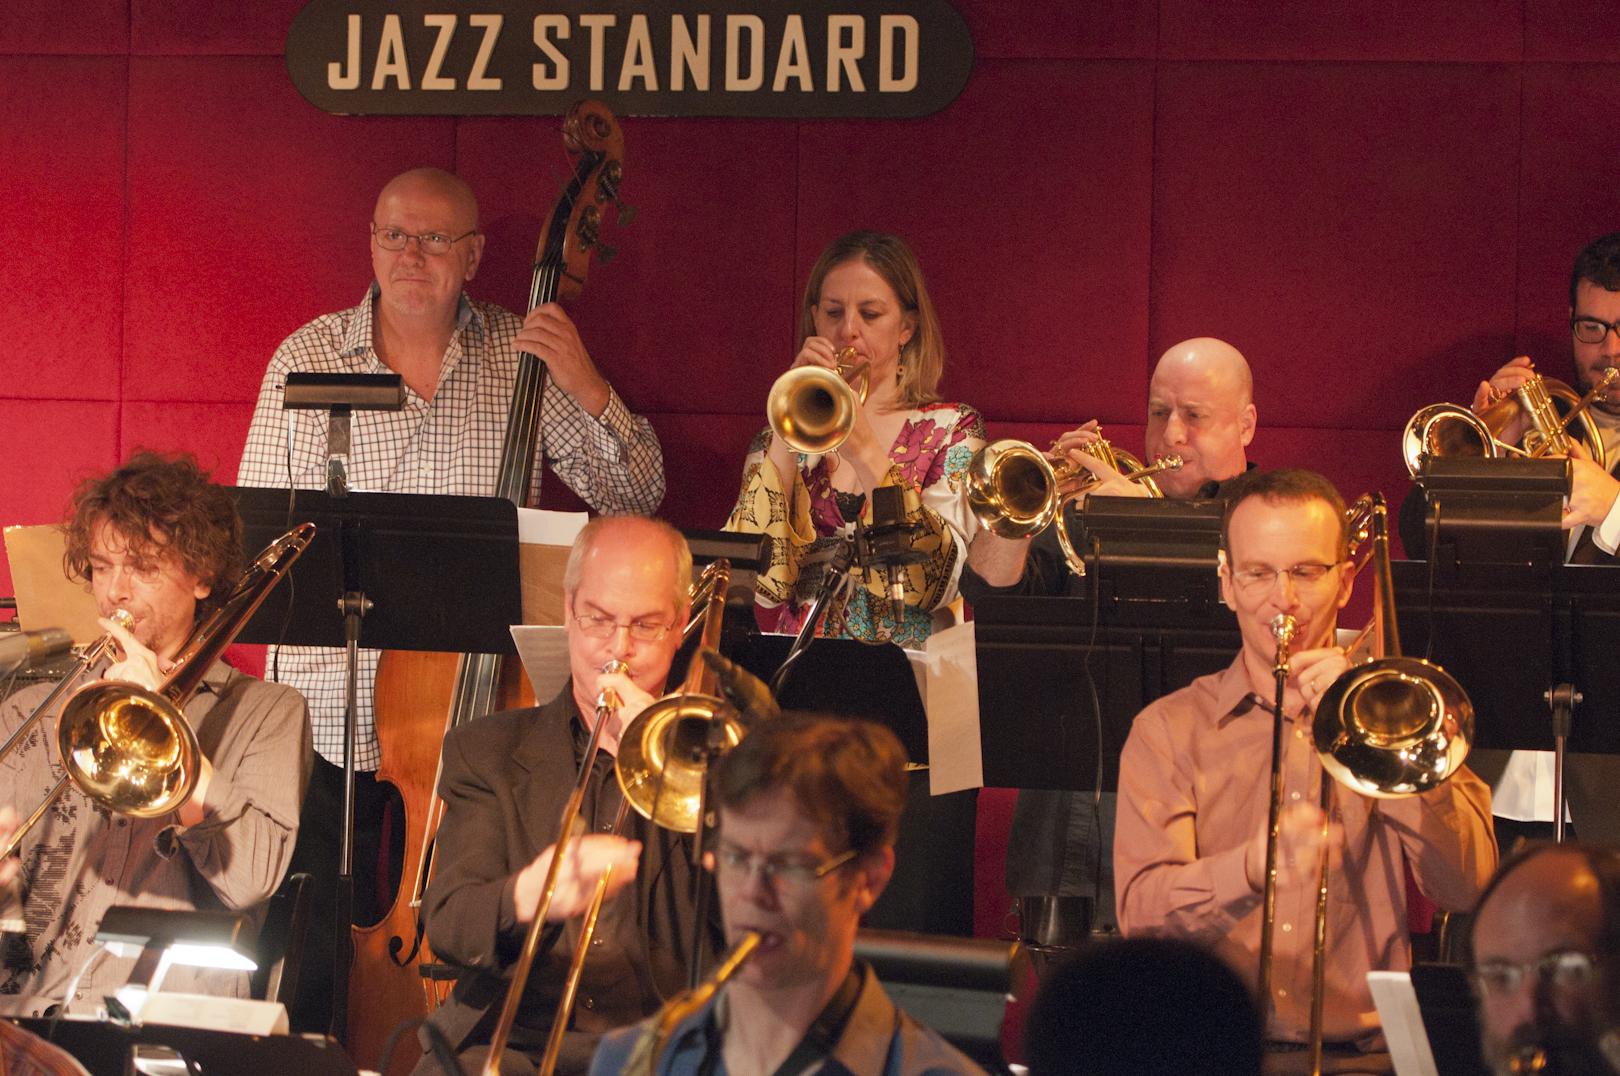 The Maria Schneider Orchestra at the Jazz Standard